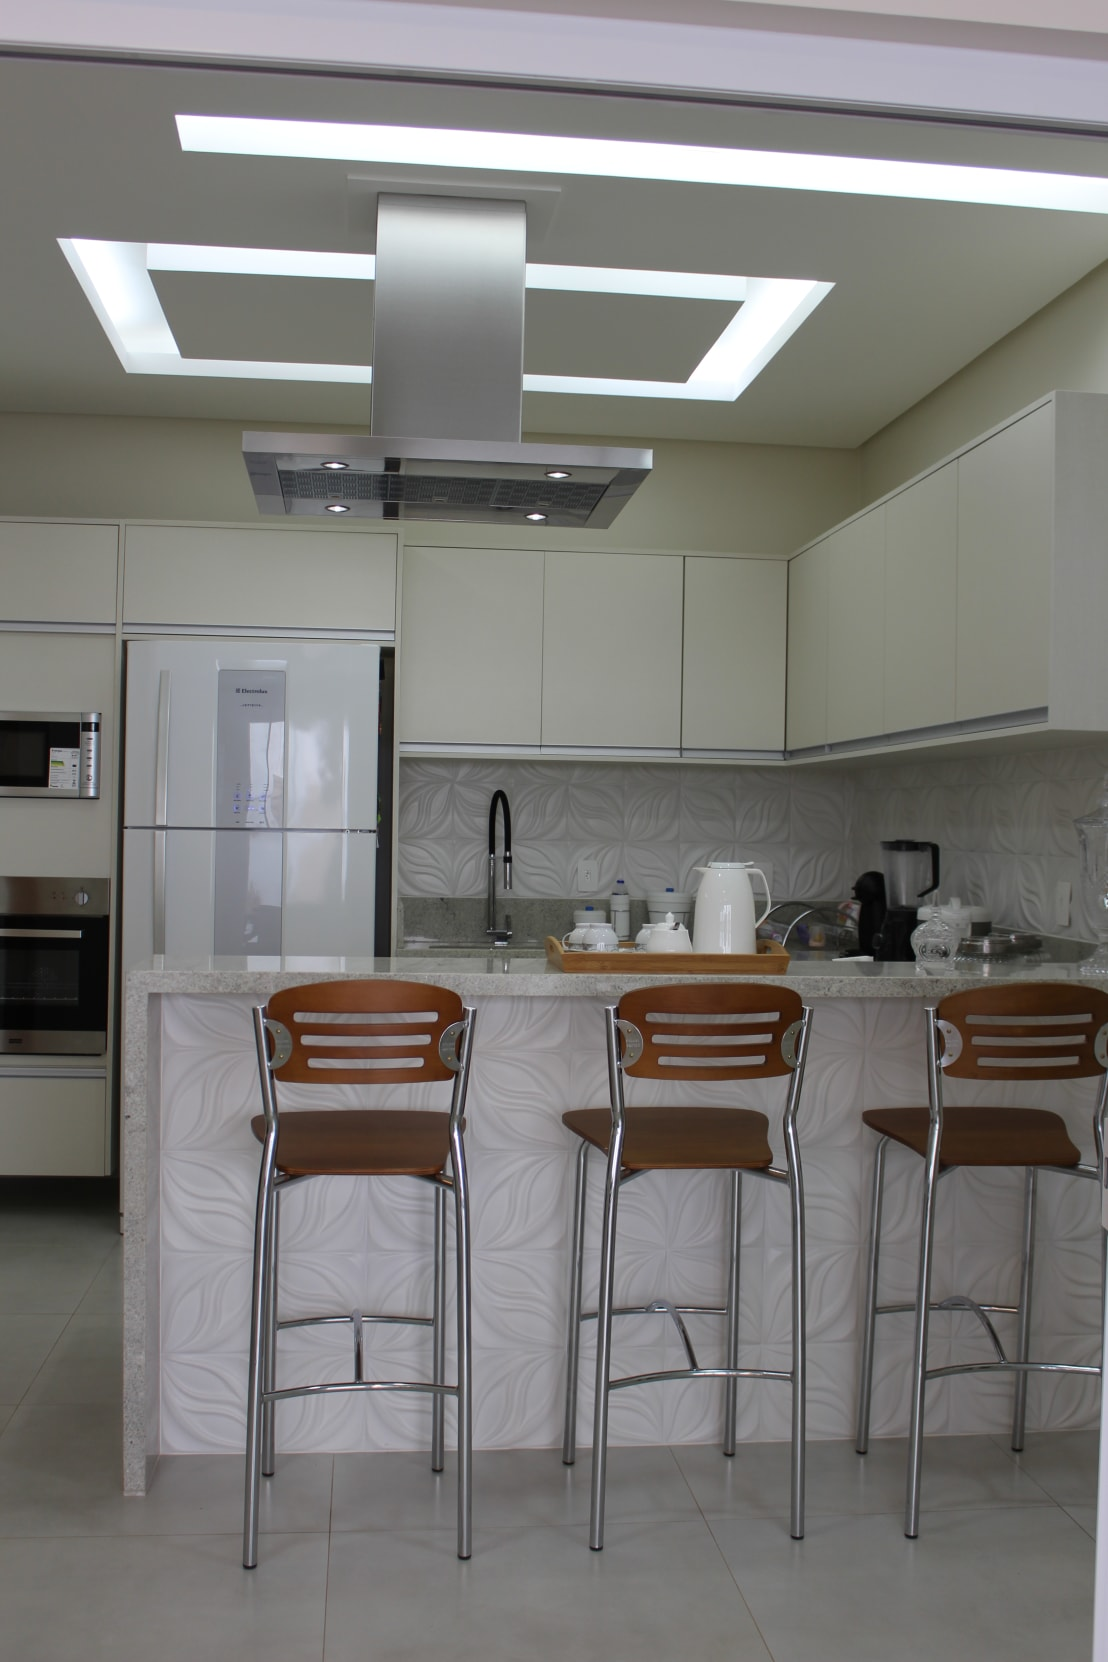 Sillas altas para barra de cocina ideas e inspiraci n - Sillas altas de cocina ...